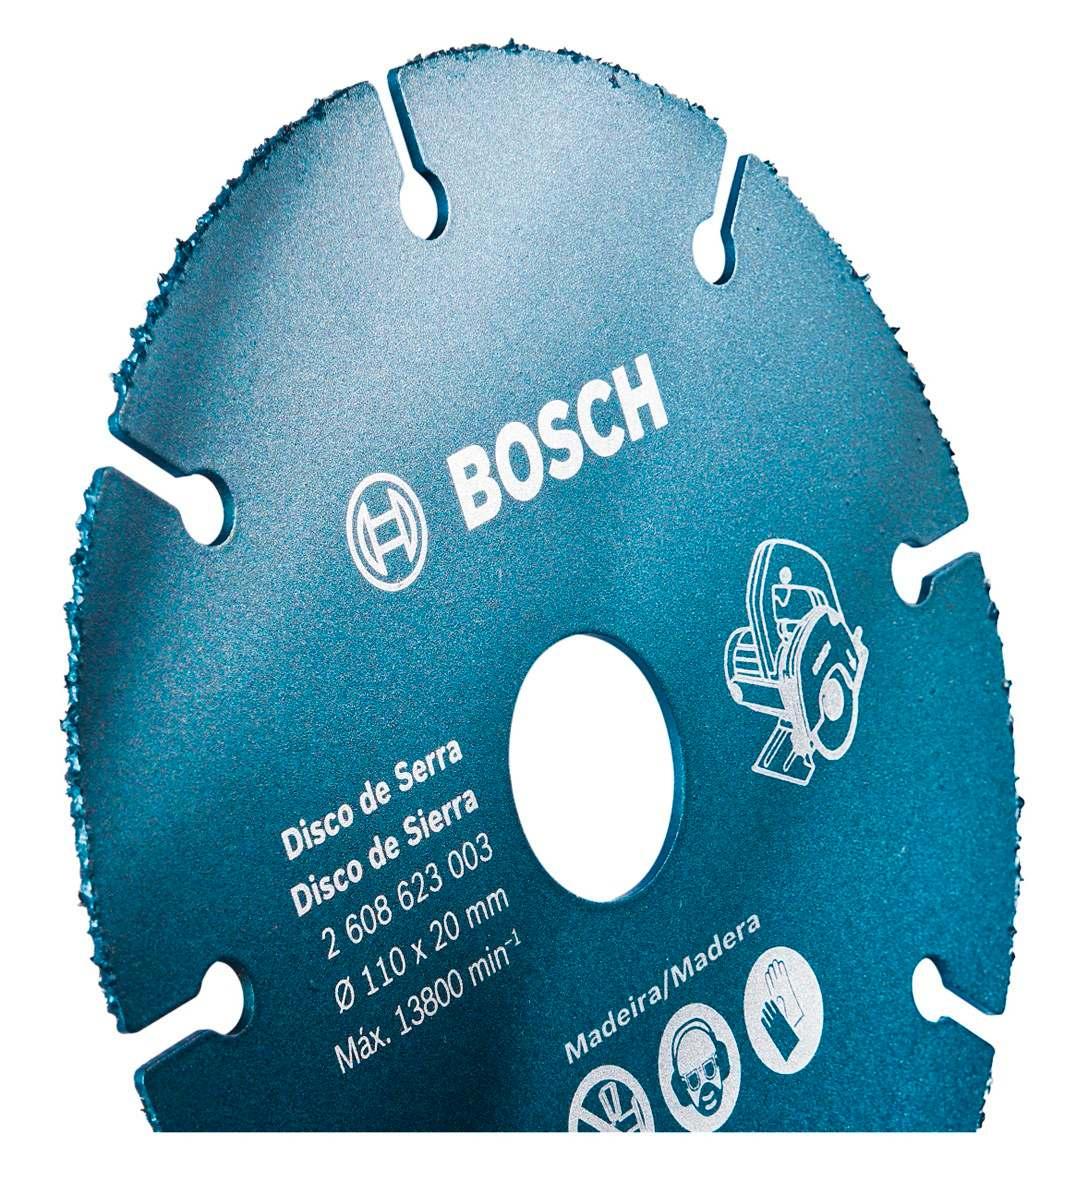 Disco Para Serra Mármore Especial P/ Madeira 110 Mm Bosch R$ 31 89  #033046 1076x1181